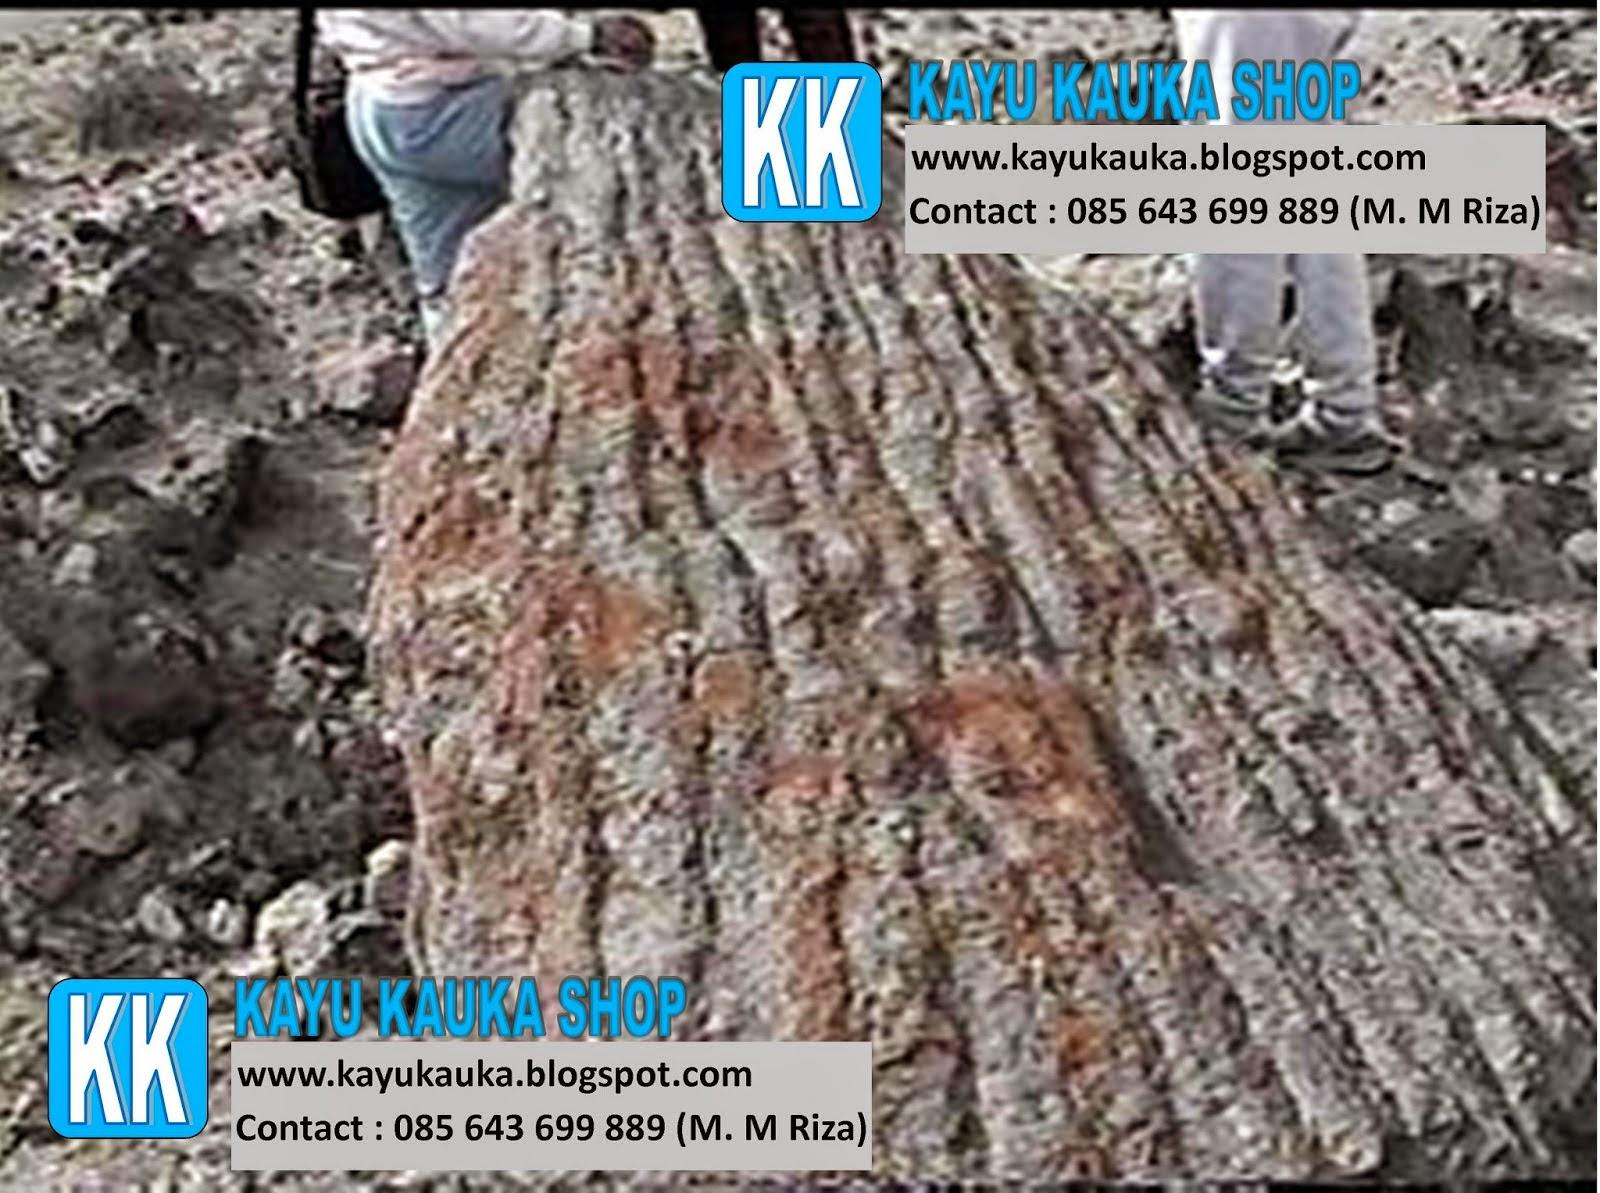 sejarah kayu kaukah